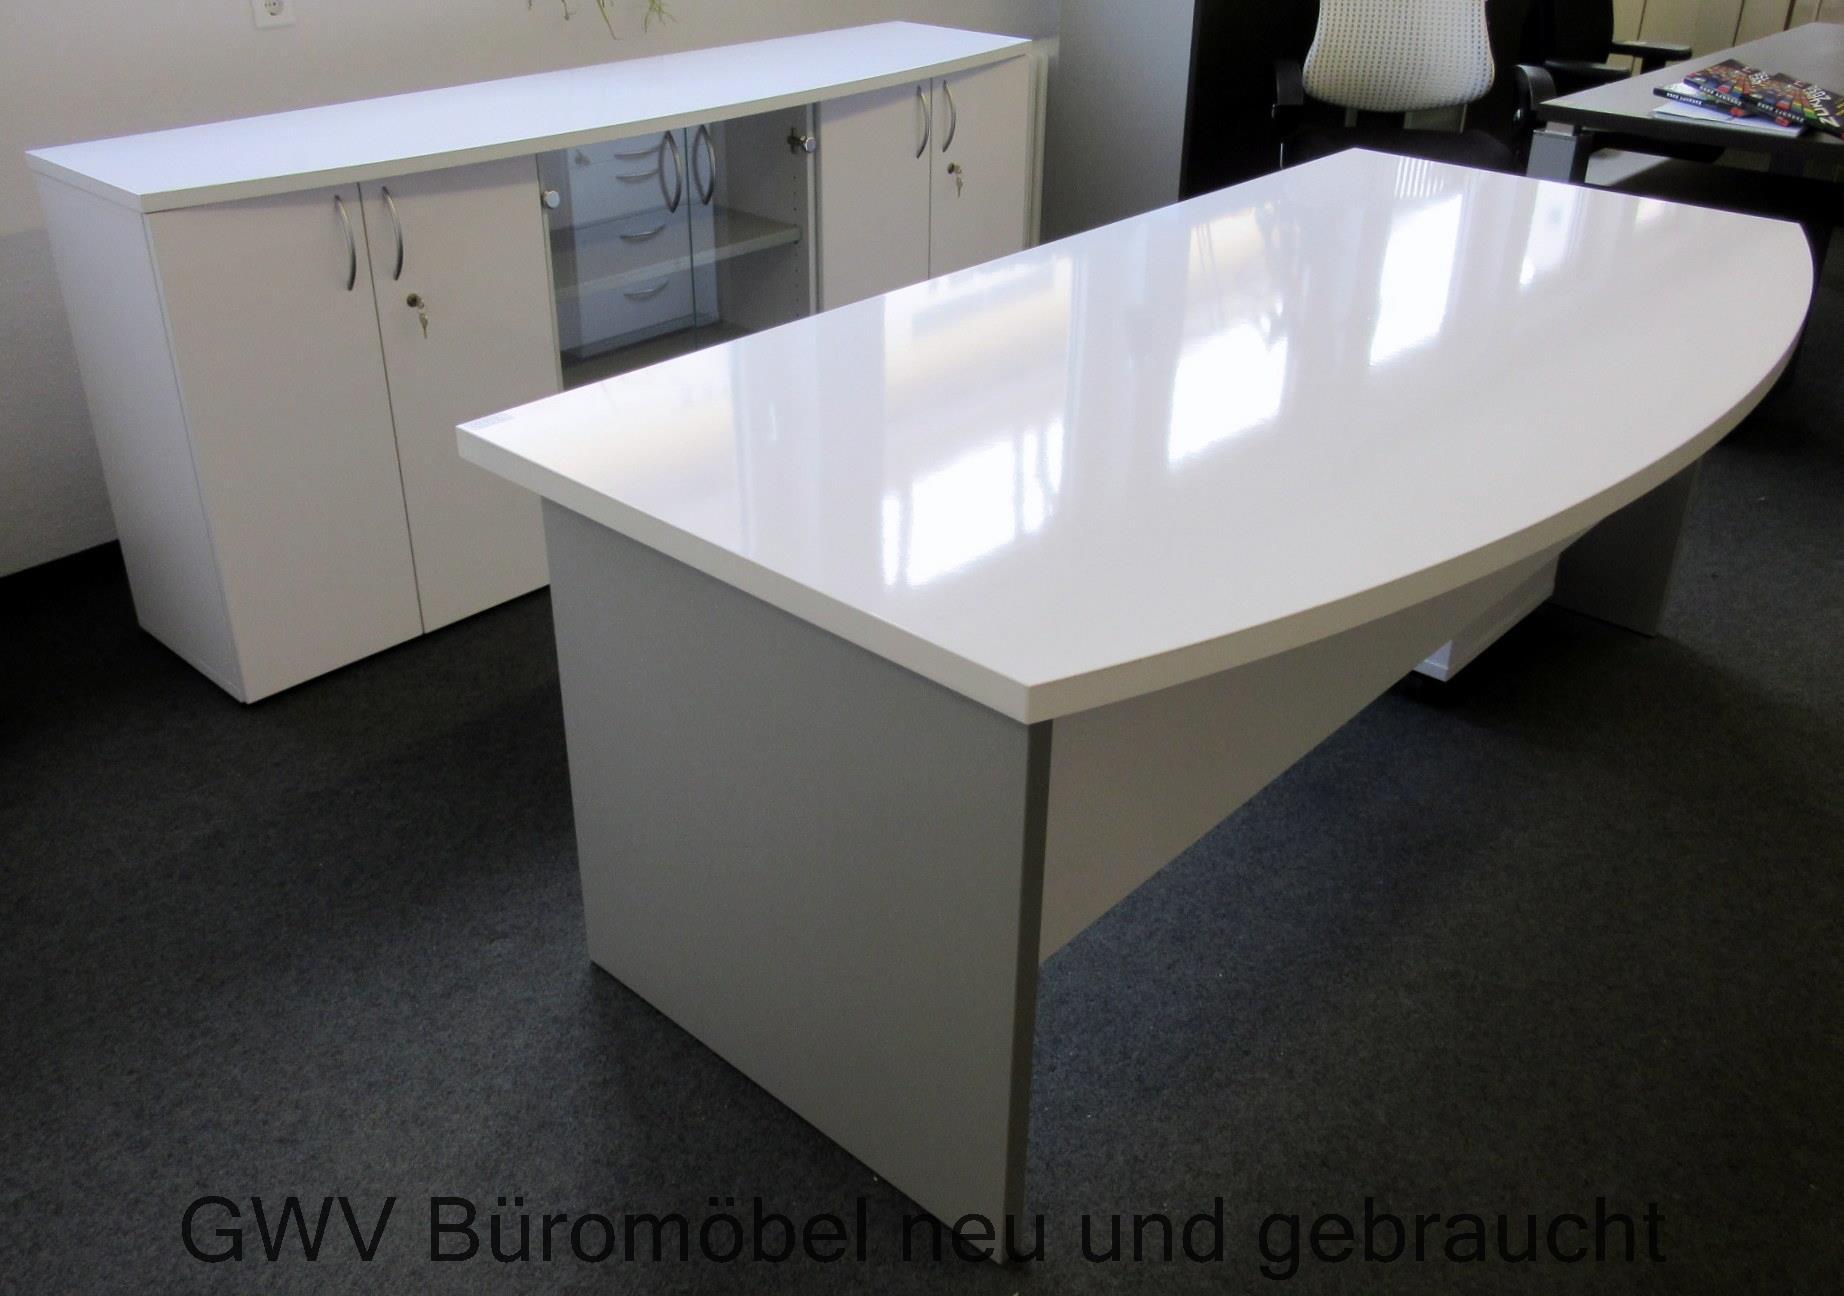 chefbuero schreibtisch neuware 200 cm 100 cm hoehe 75 cm seitenwangen wei aluminium hochglanz. Black Bedroom Furniture Sets. Home Design Ideas